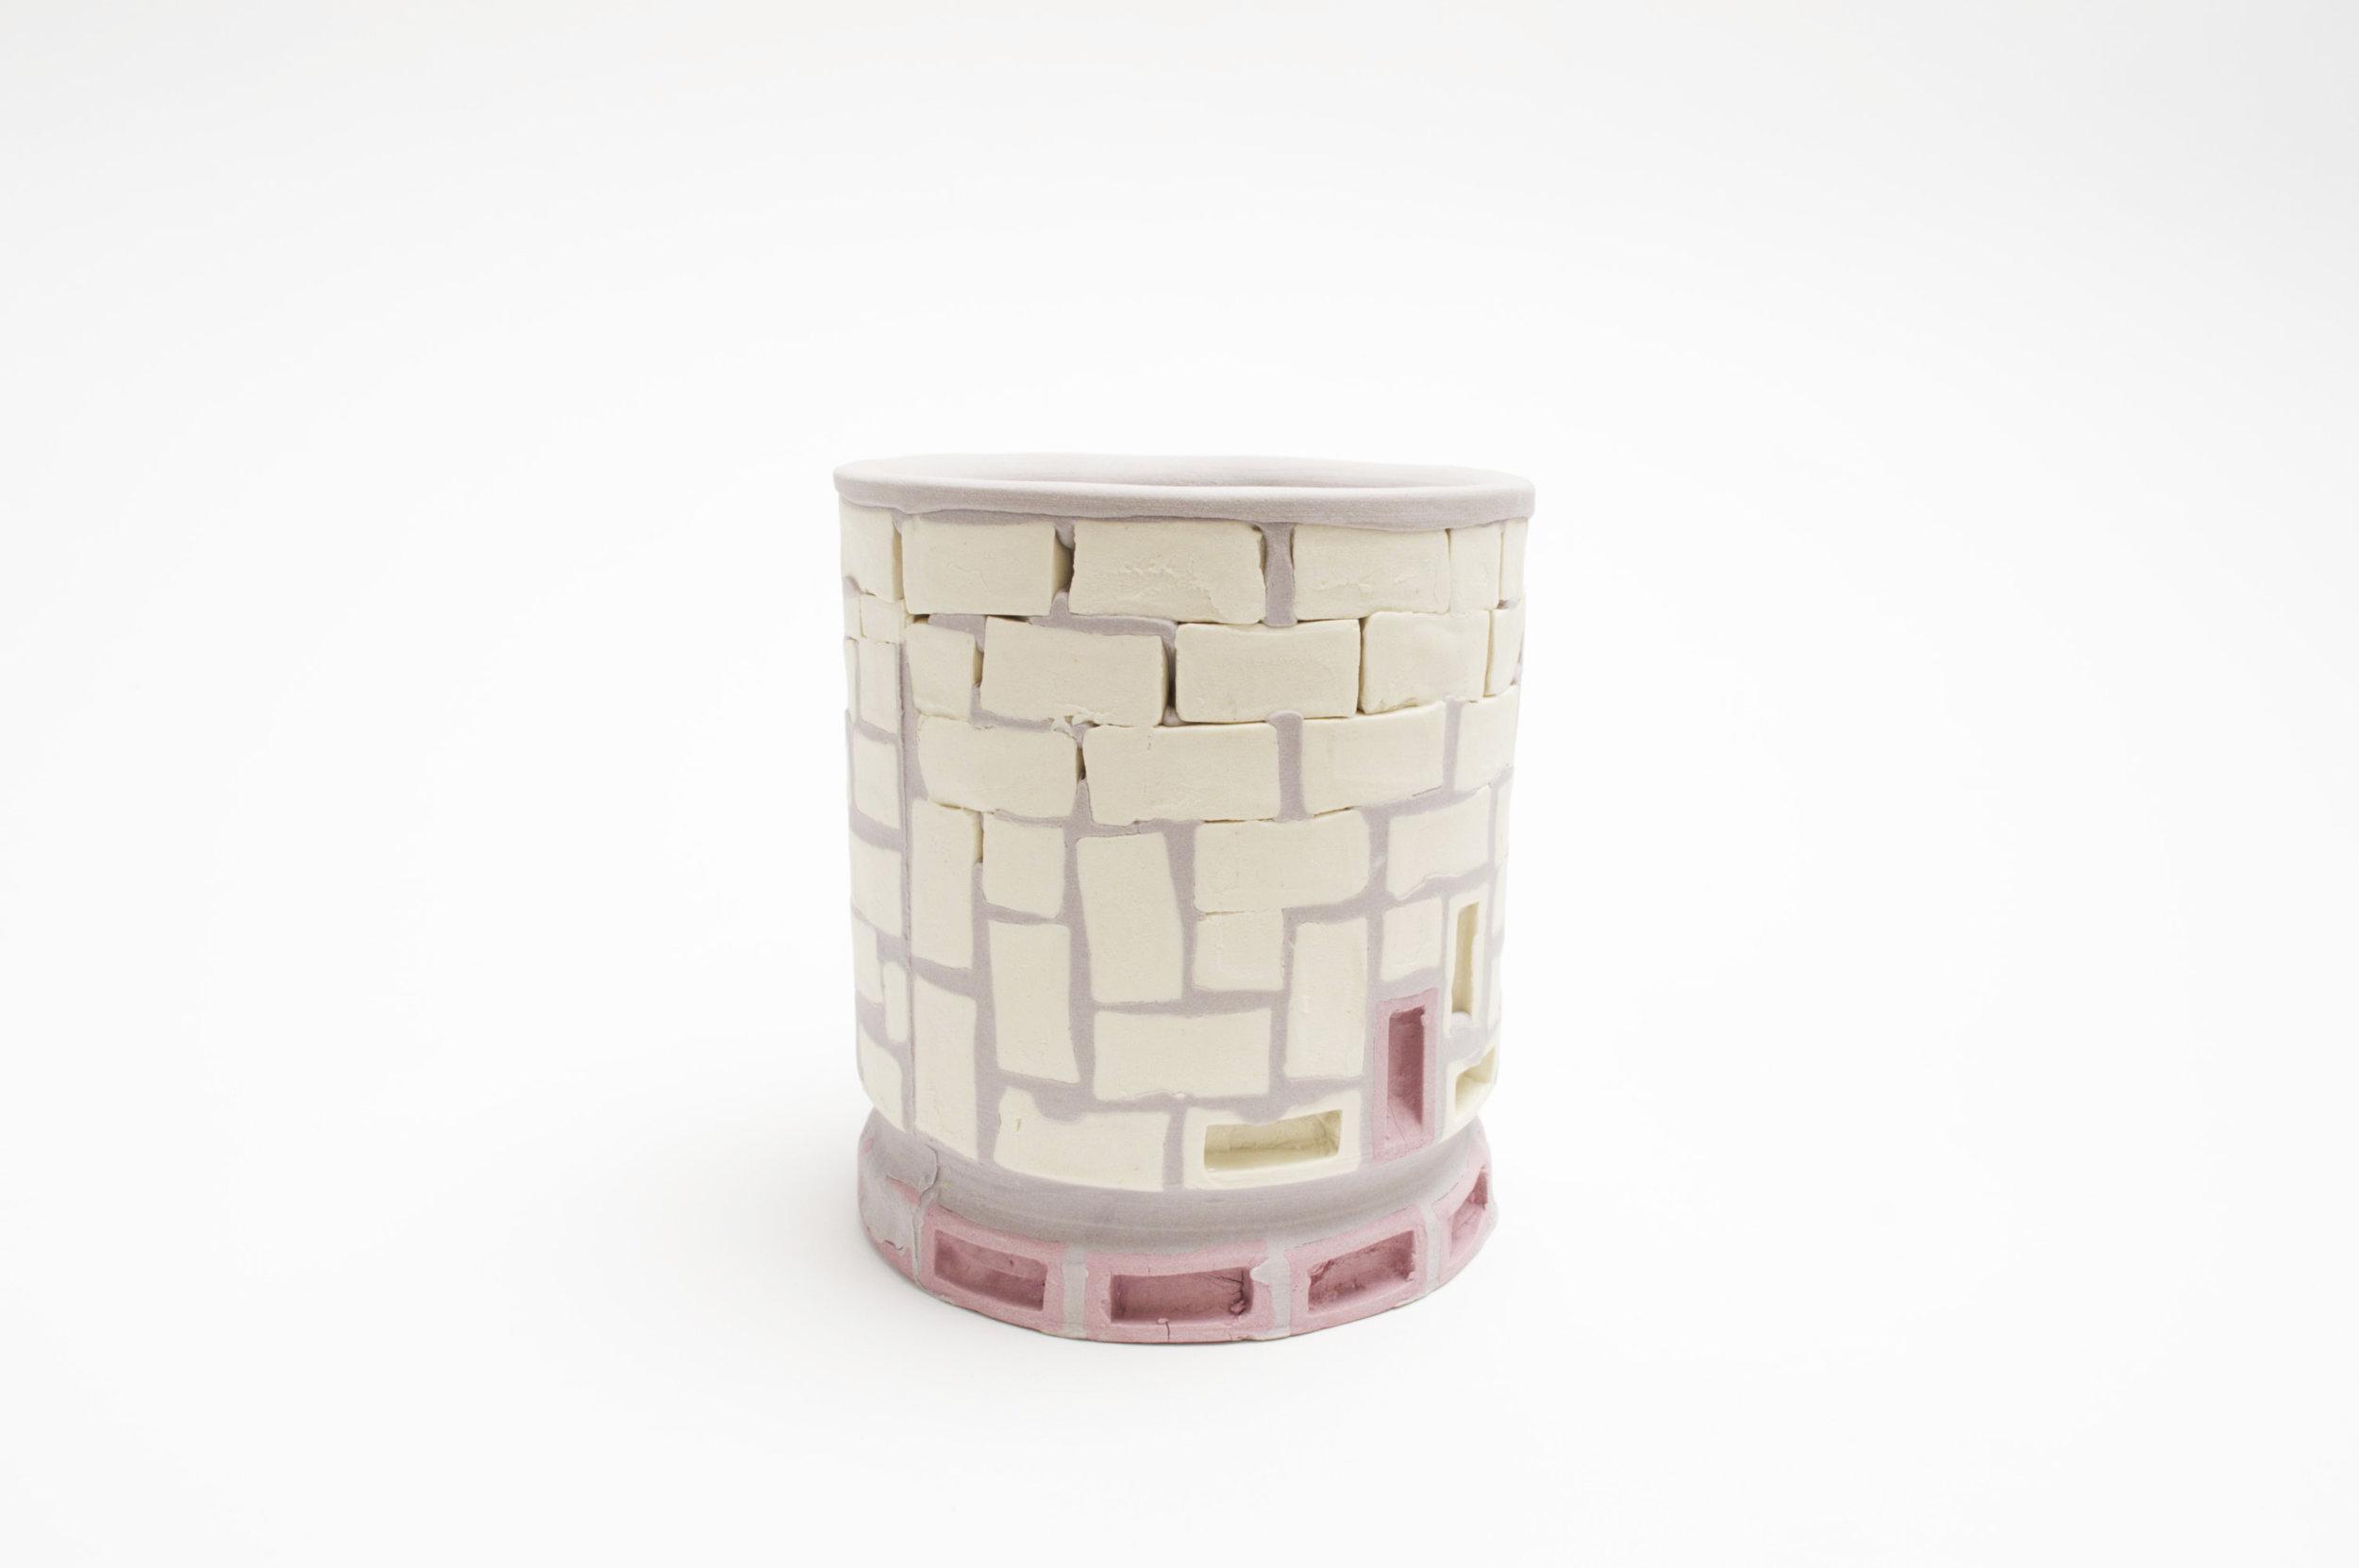 Mini-Brickware Cup (White-Lavender-Purple)